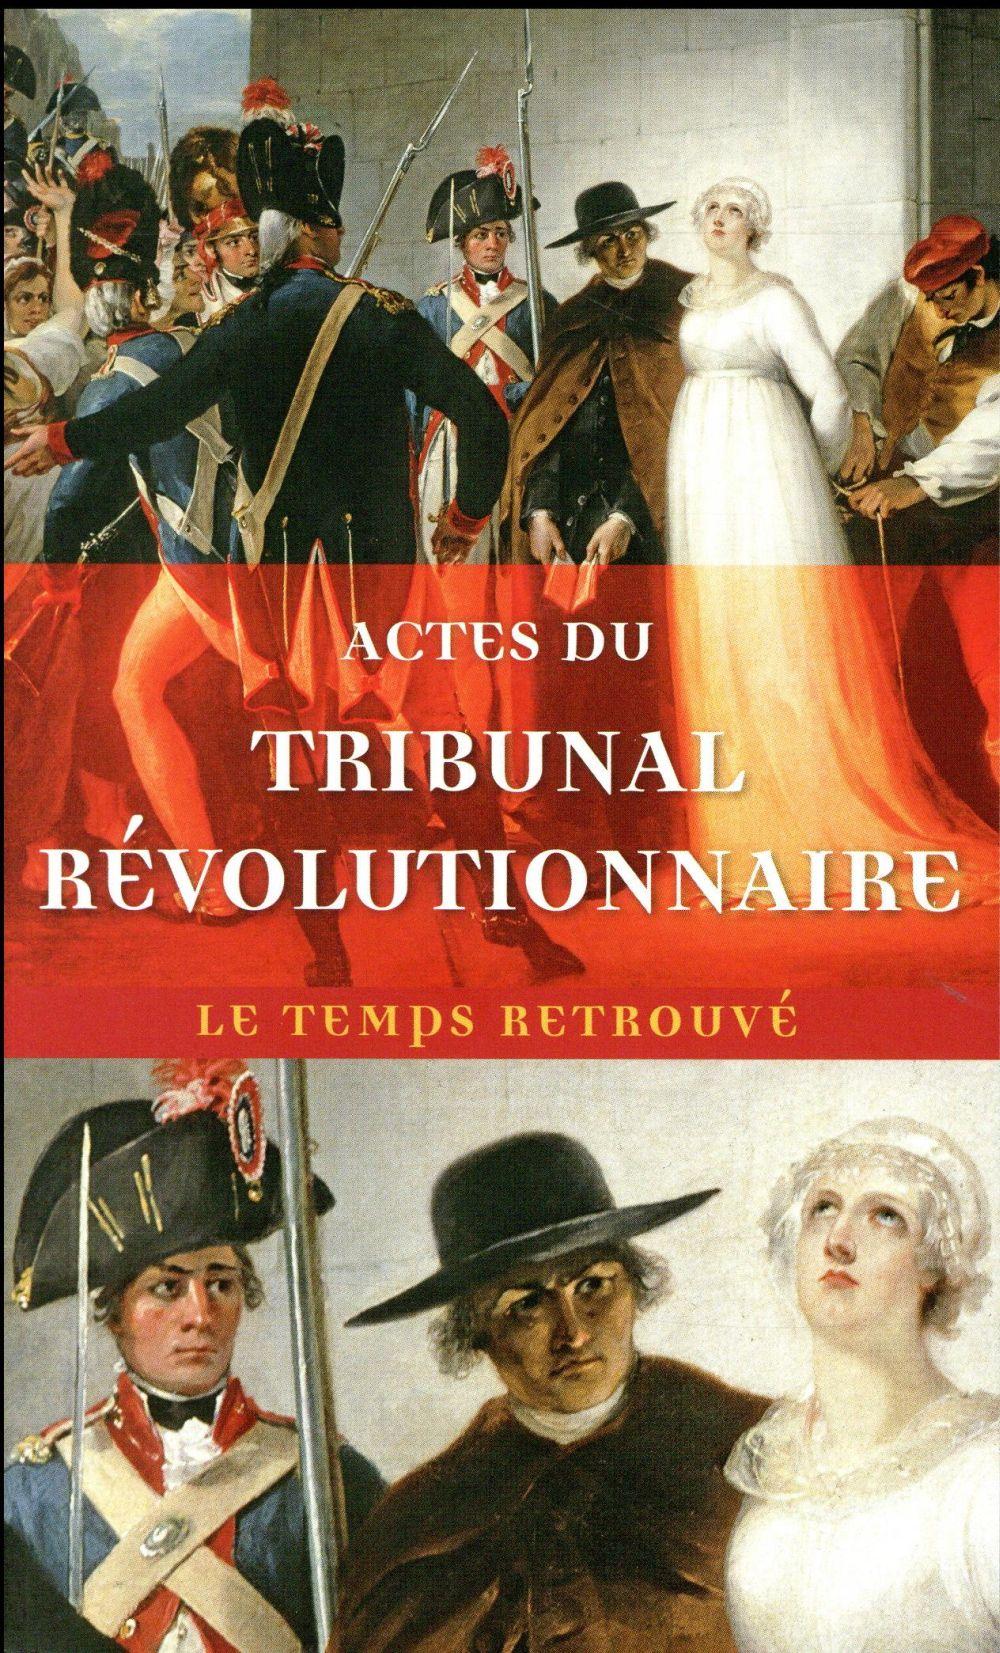 ACTES DU TRIBUNAL REVOLUTIONNAIRE